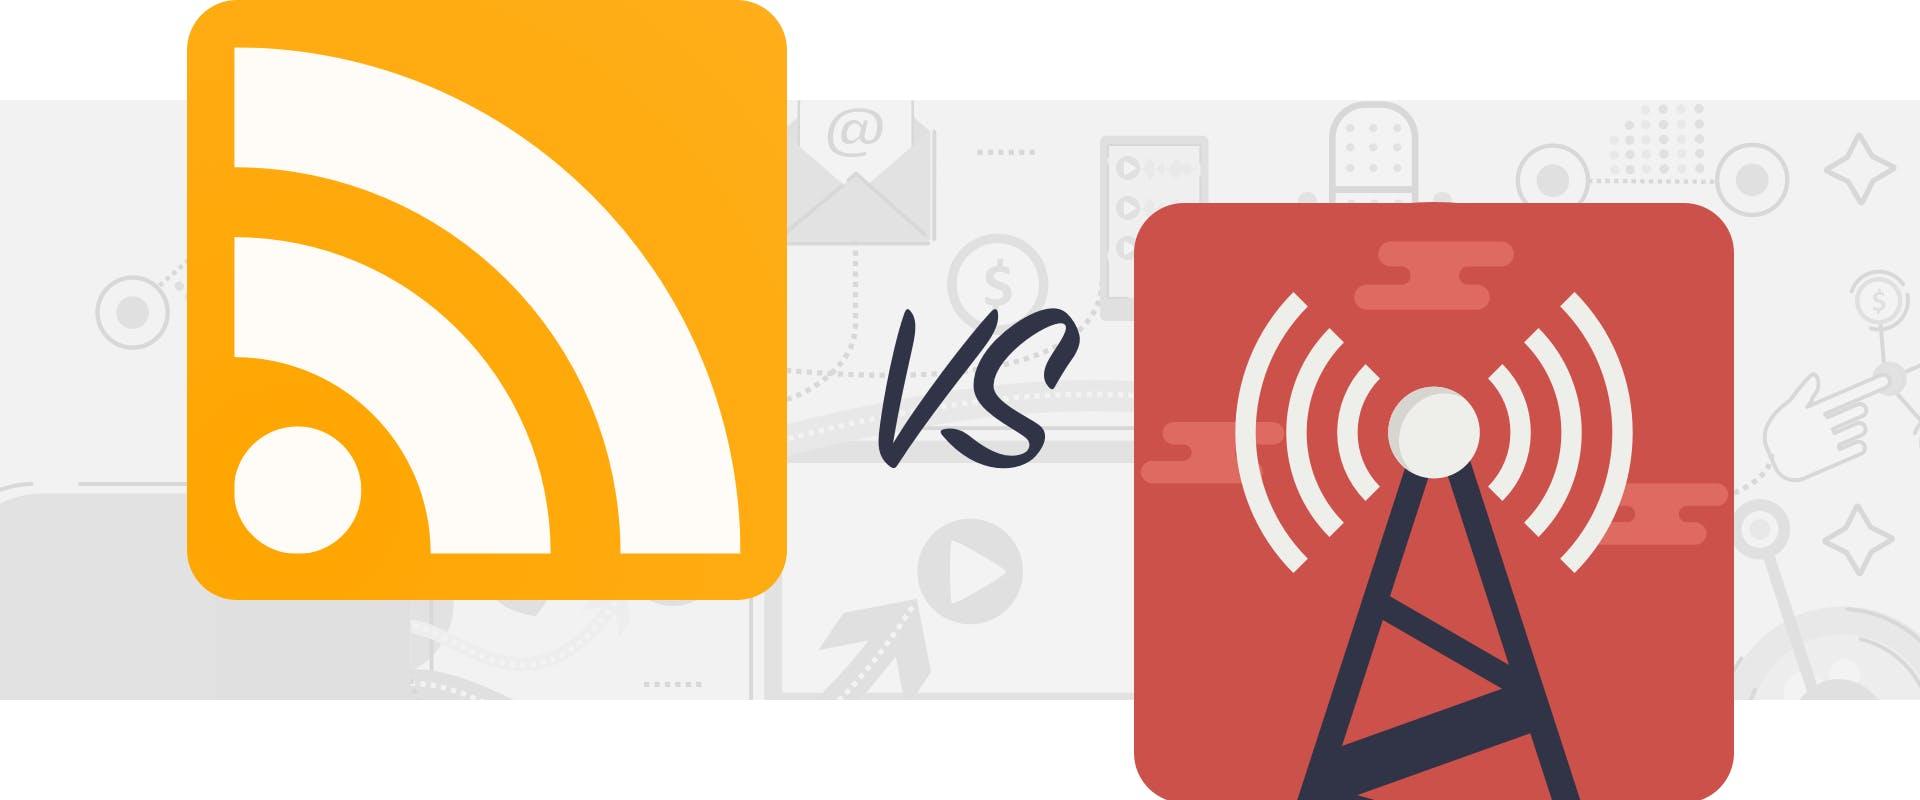 podcasting vs radio